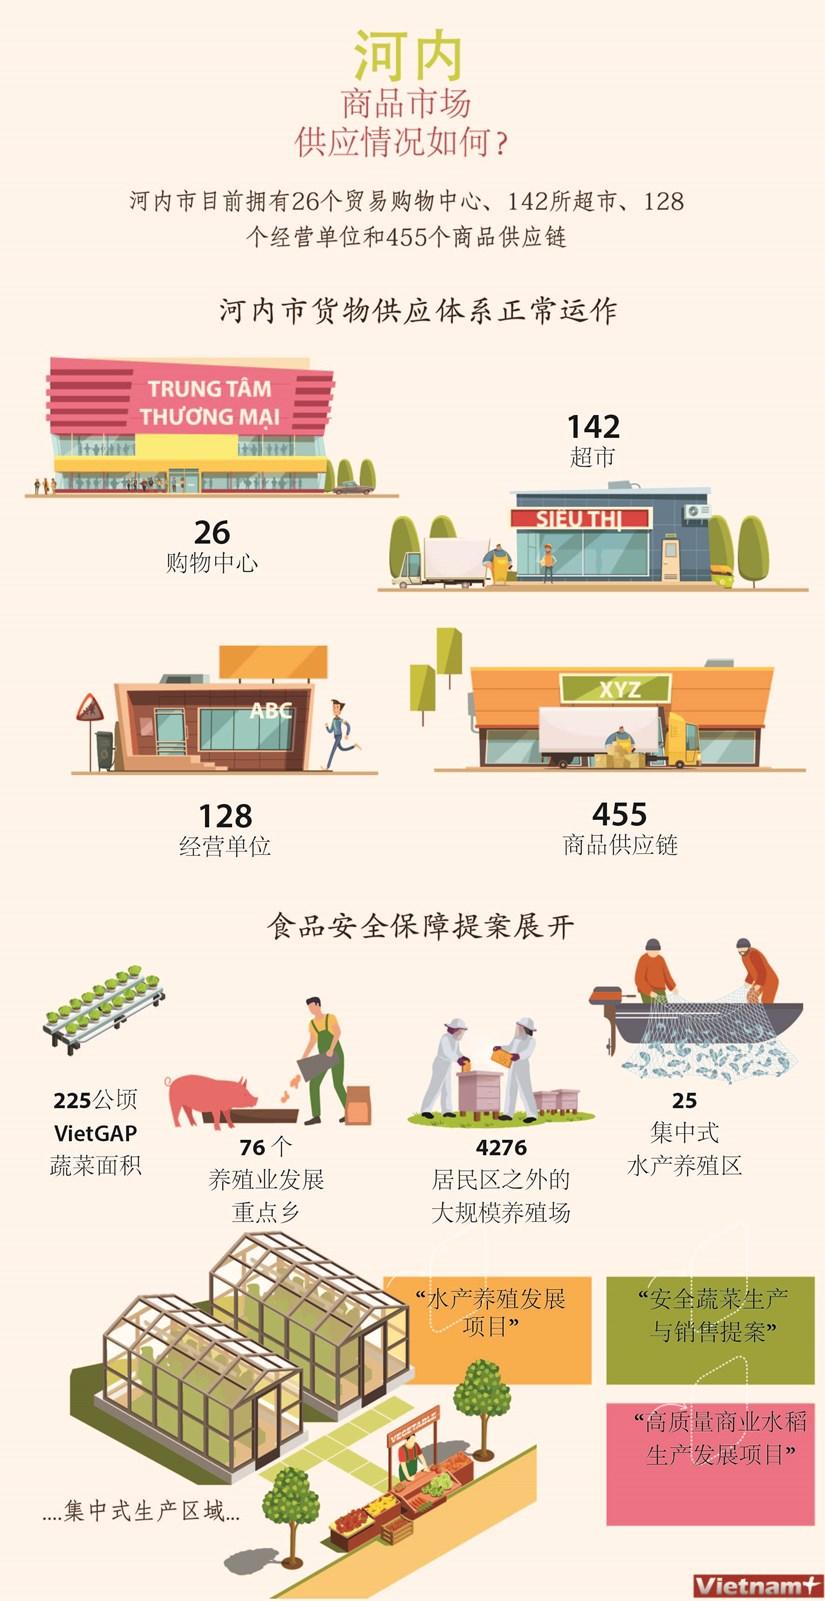 图表新闻:河内商品市场供应情况如何 hinh anh 1